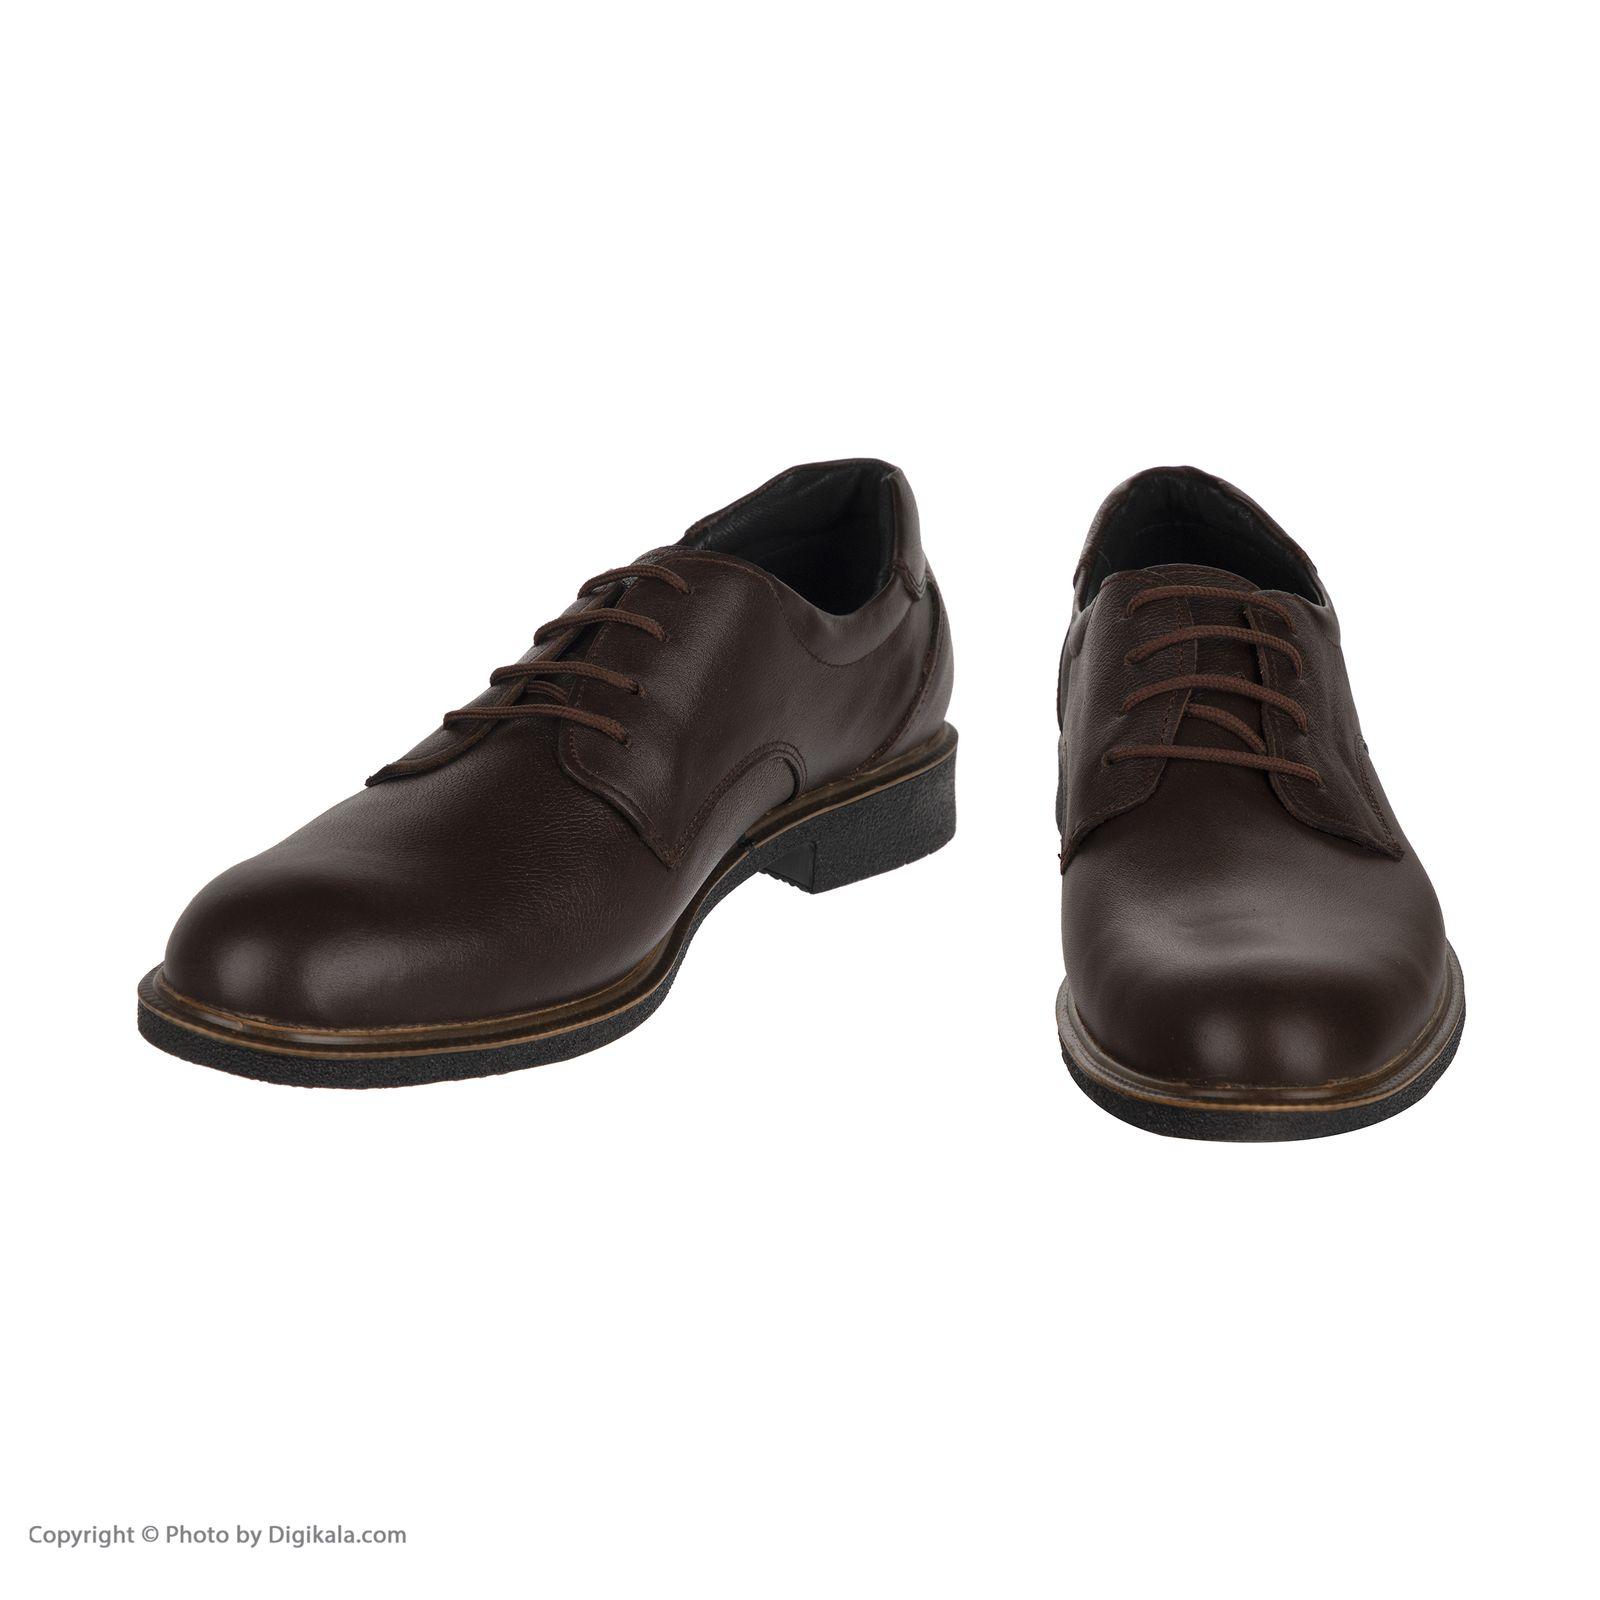 کفش مردانه سوته مدل 4870L503104 -  - 7